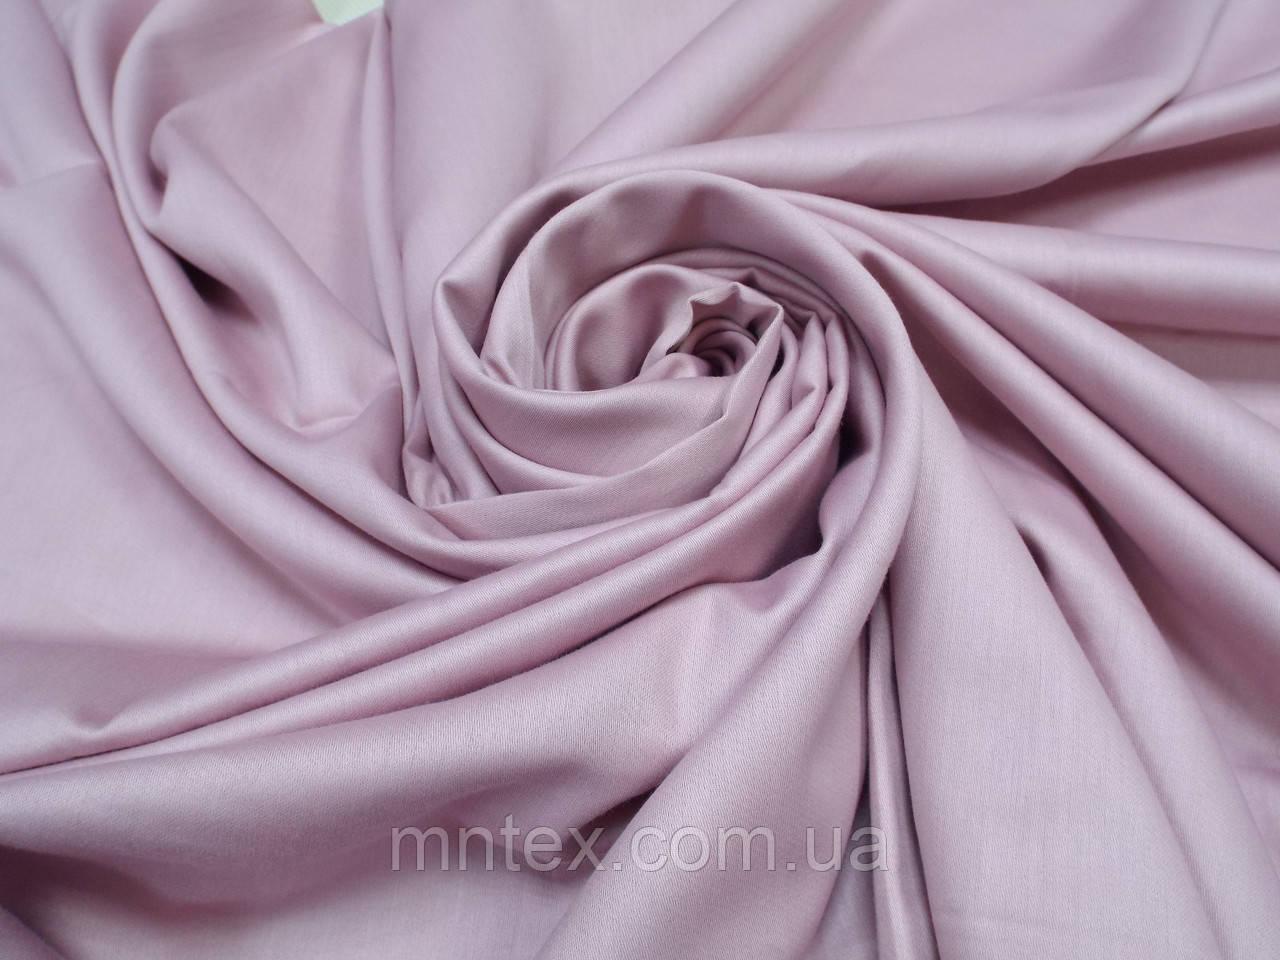 Ткань для пошива постельного белья сатин гладкокрашеный Пыльная Роза